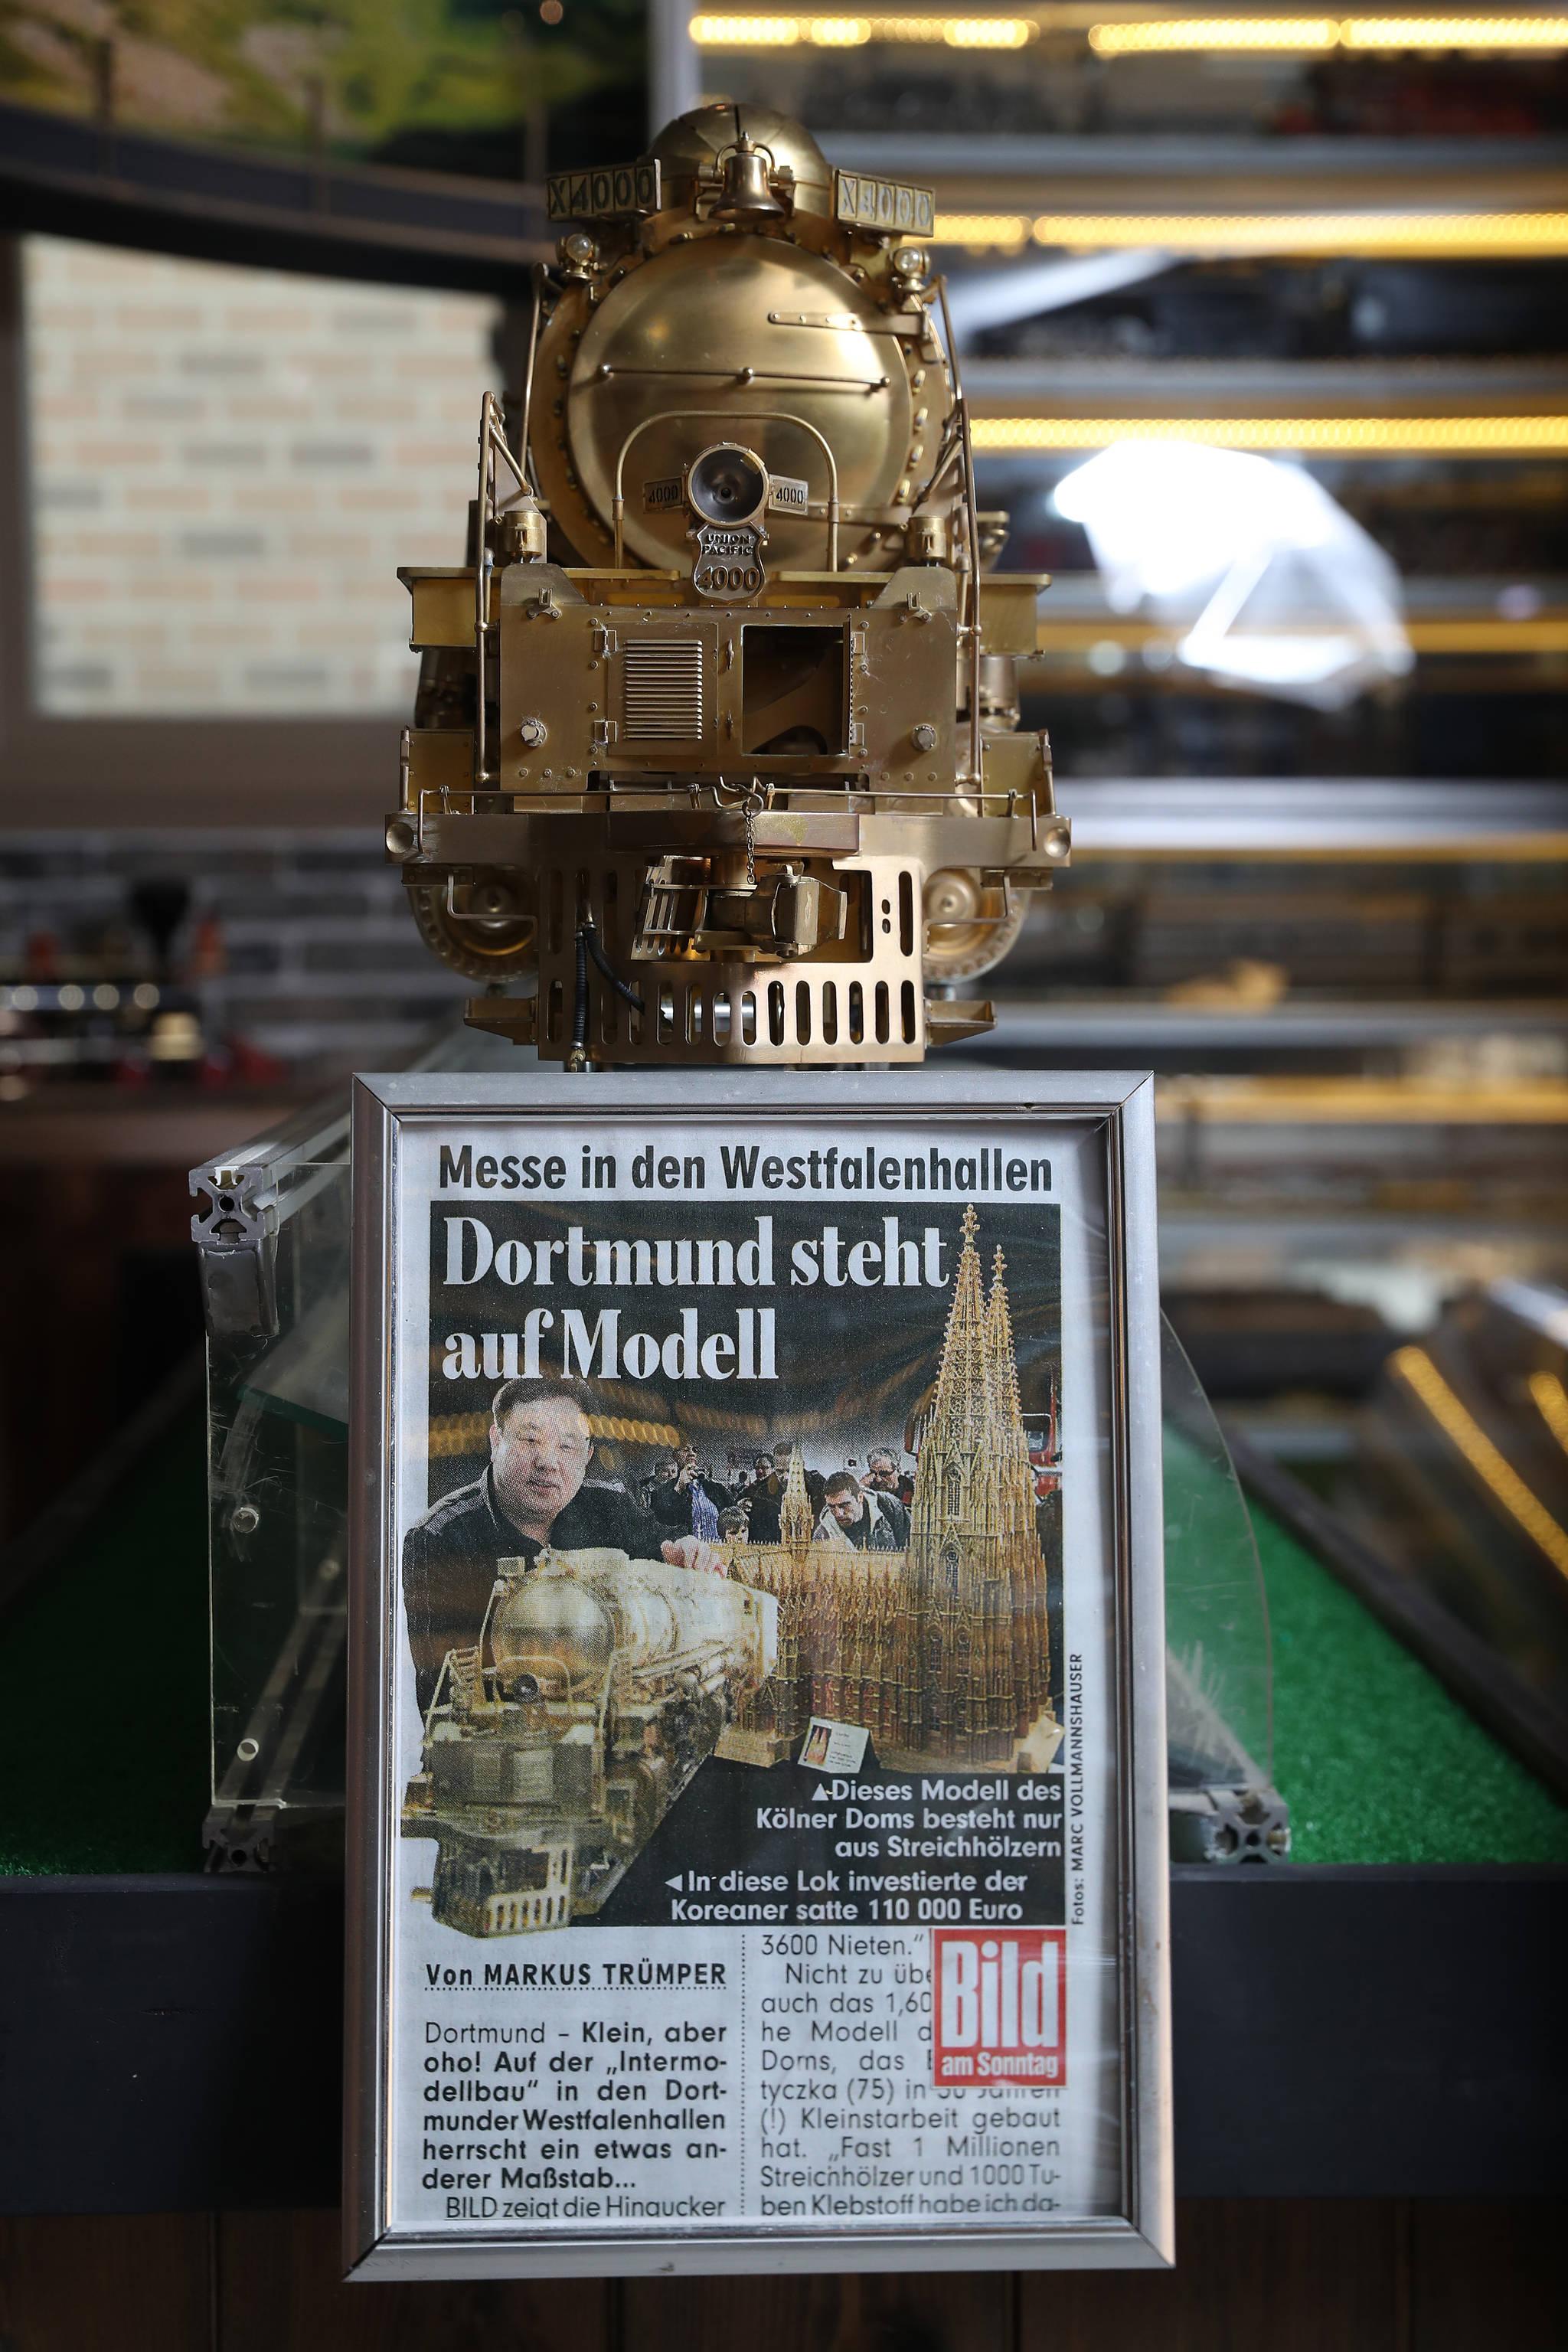 기차의 완성 후 독일의 'BILD'에서 이 씨를 소개한 기사.빅보이 모형 중 1/16의 사이즈로 제작된 유일한 가차 모형이라 기사화가 되었다. 우상조 기자